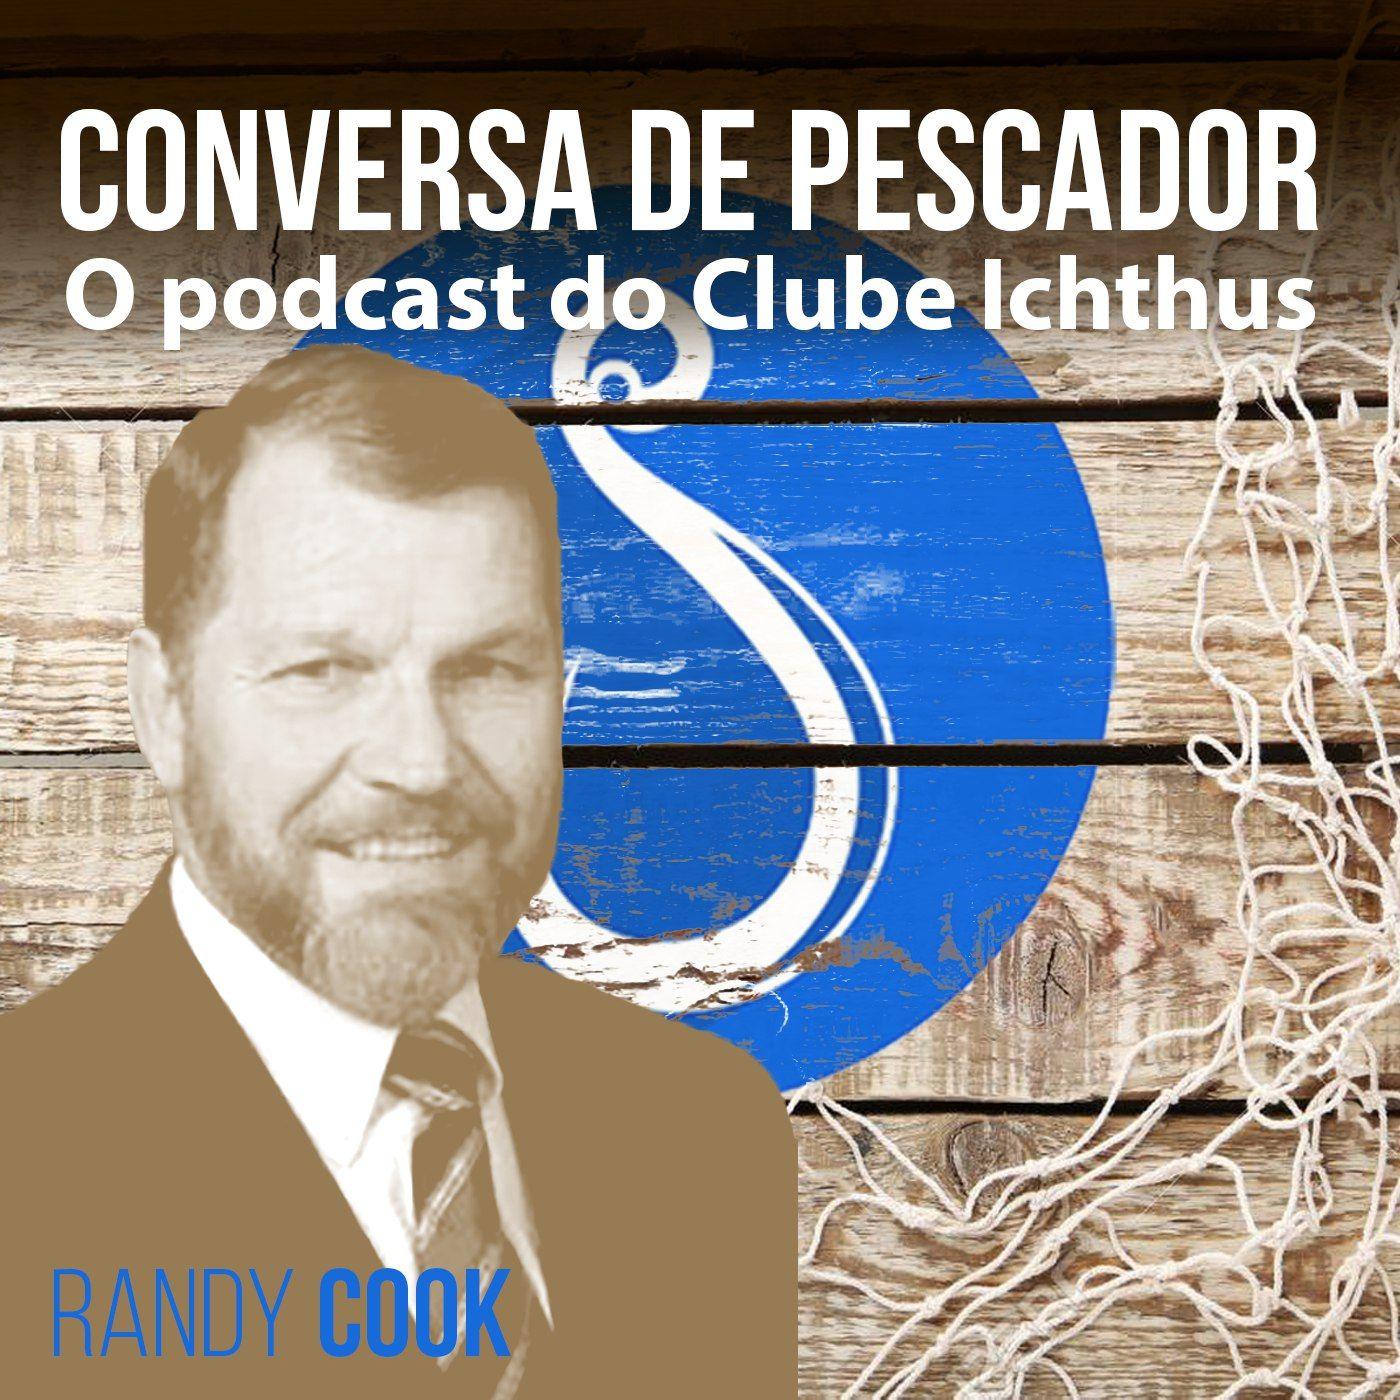 005 - Conversa de pescador - Randy Cook